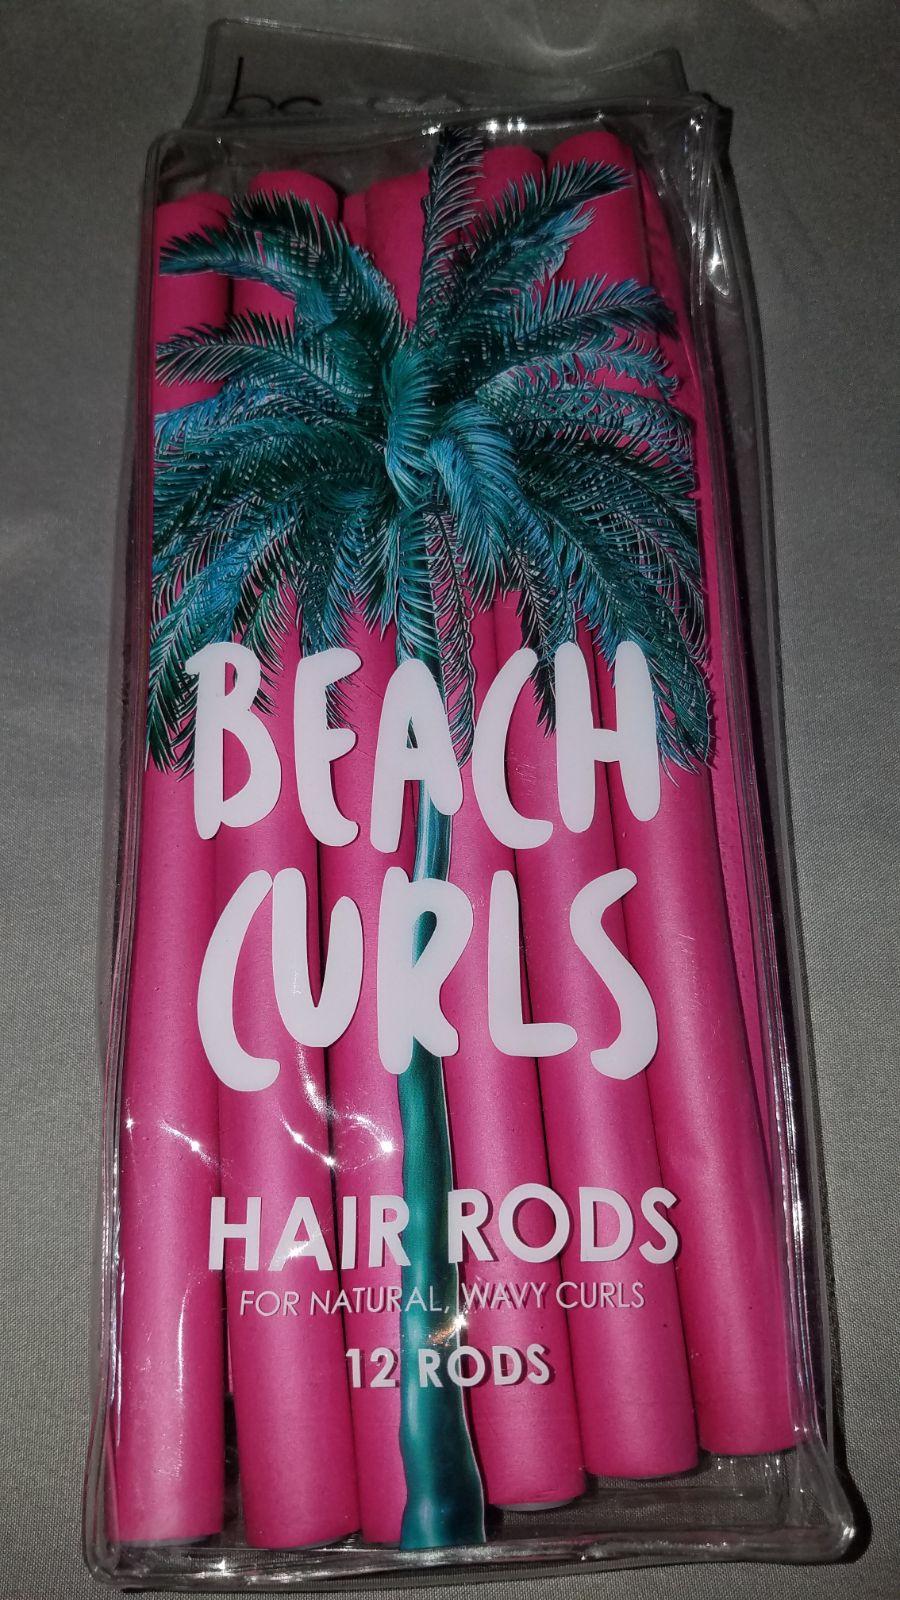 BC - Beach curls hair rods